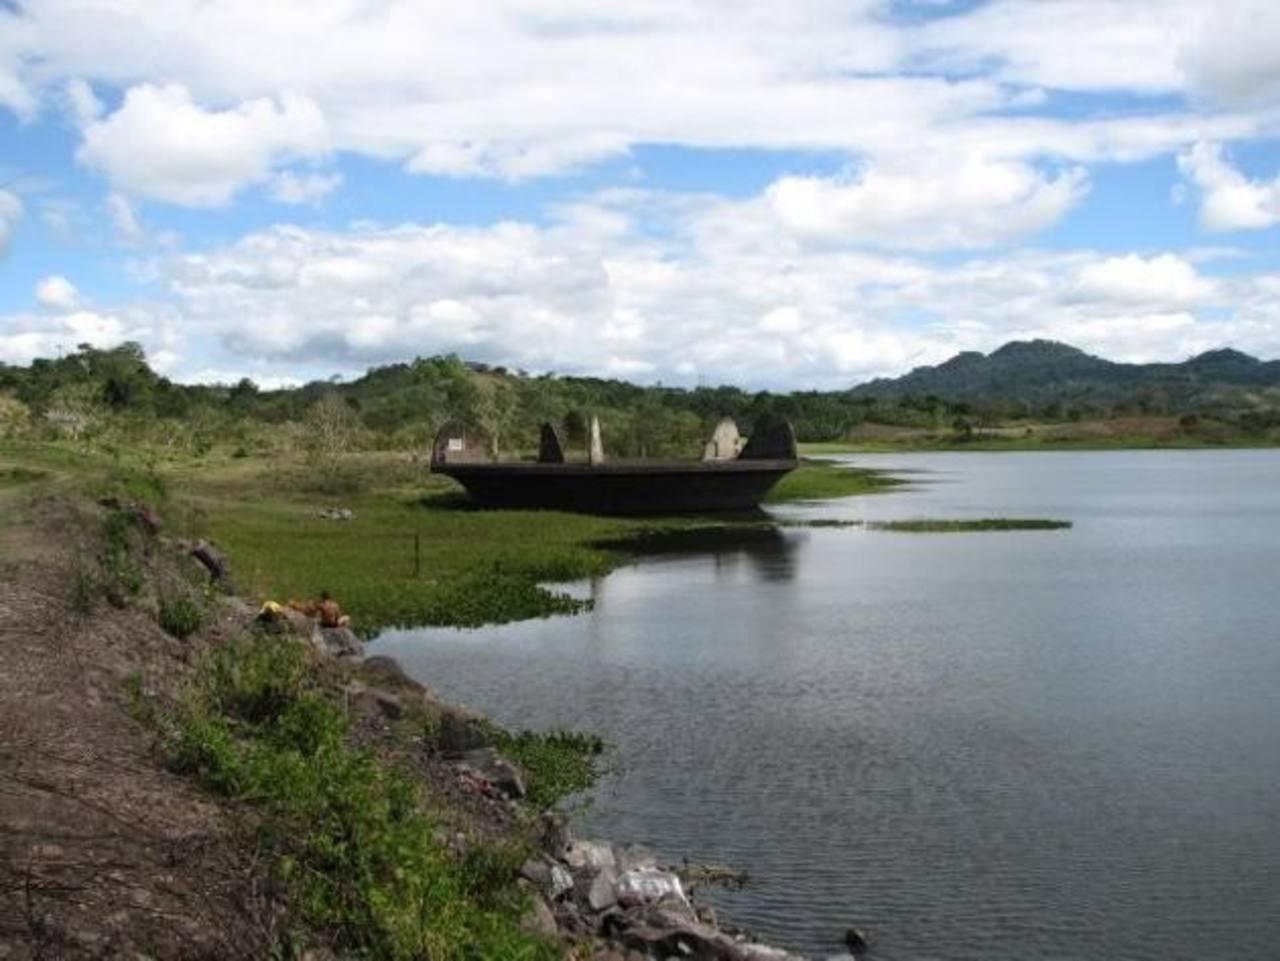 Nicaragua tendrá suficiente agua para generar energía en los próximos meses y hasta julio de 2015, dijeron autoridades.